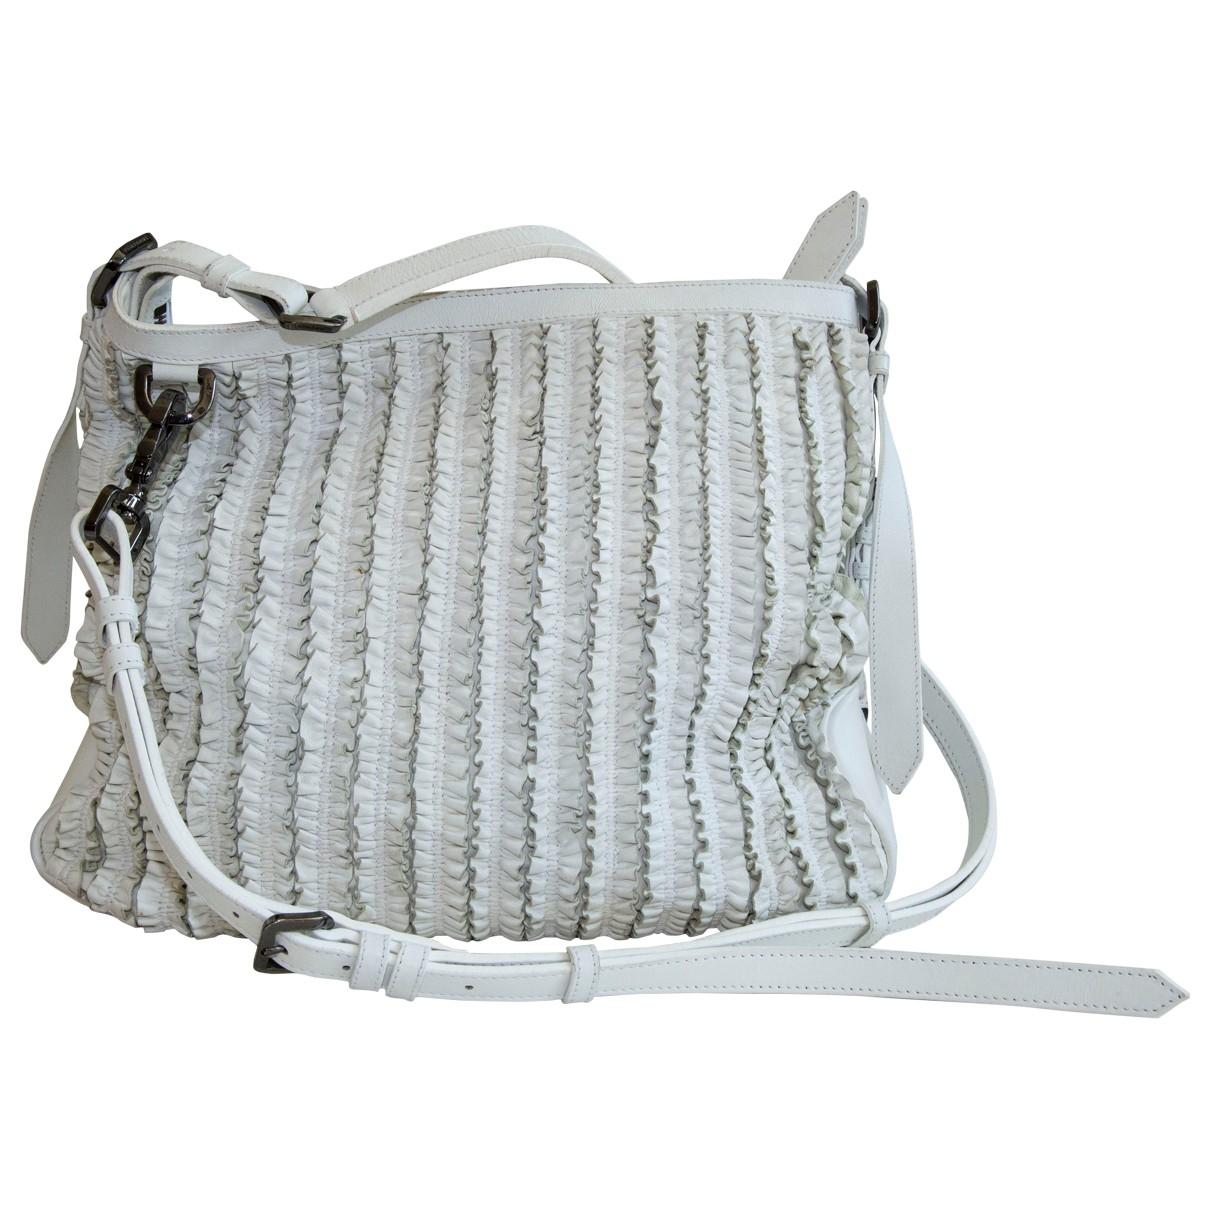 Burberry \N White Leather handbag for Women \N